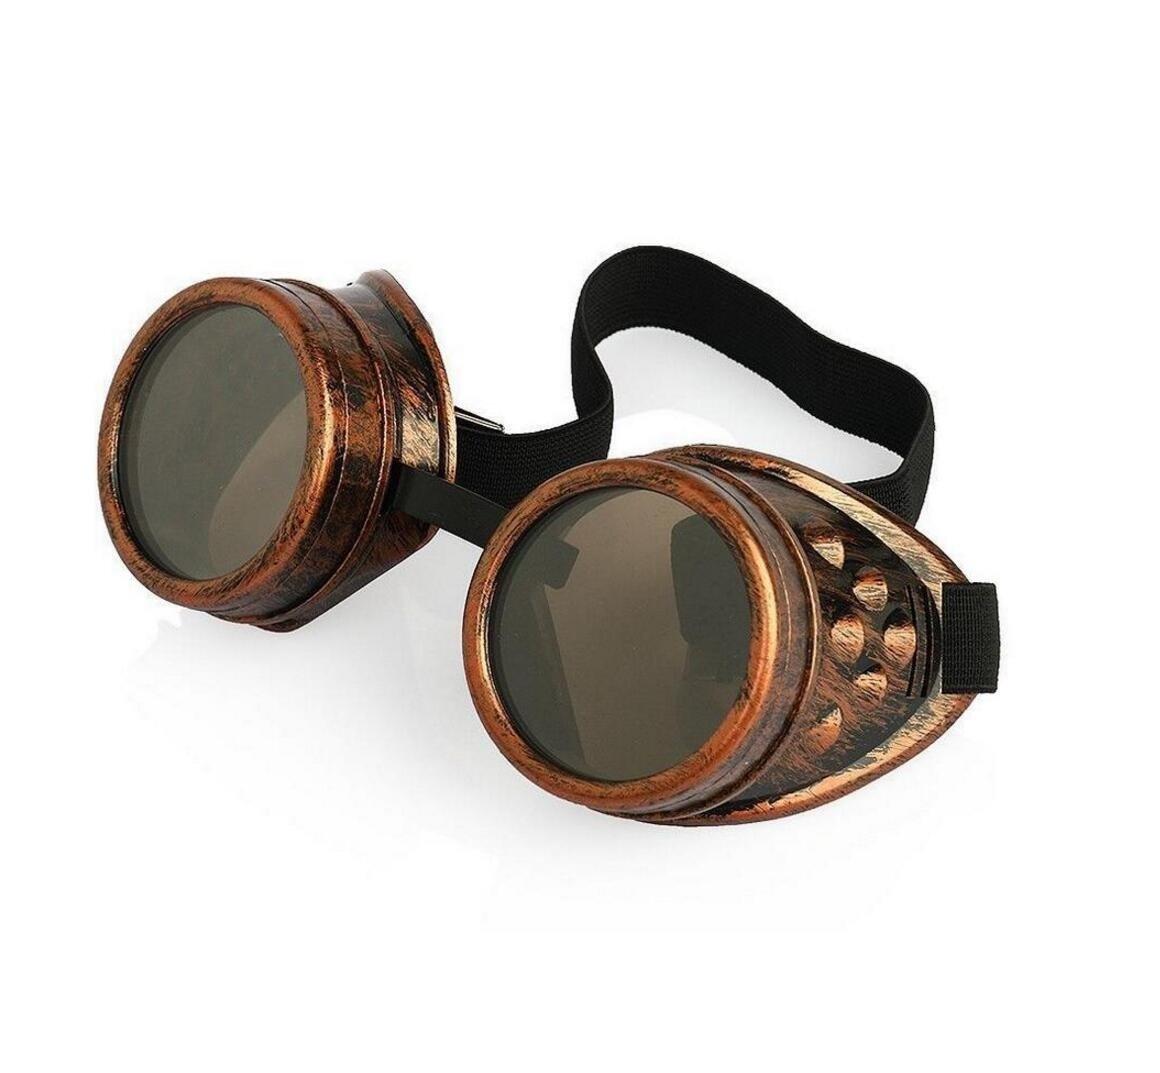 YOIL Retro - Gafas de soldar, color bronce